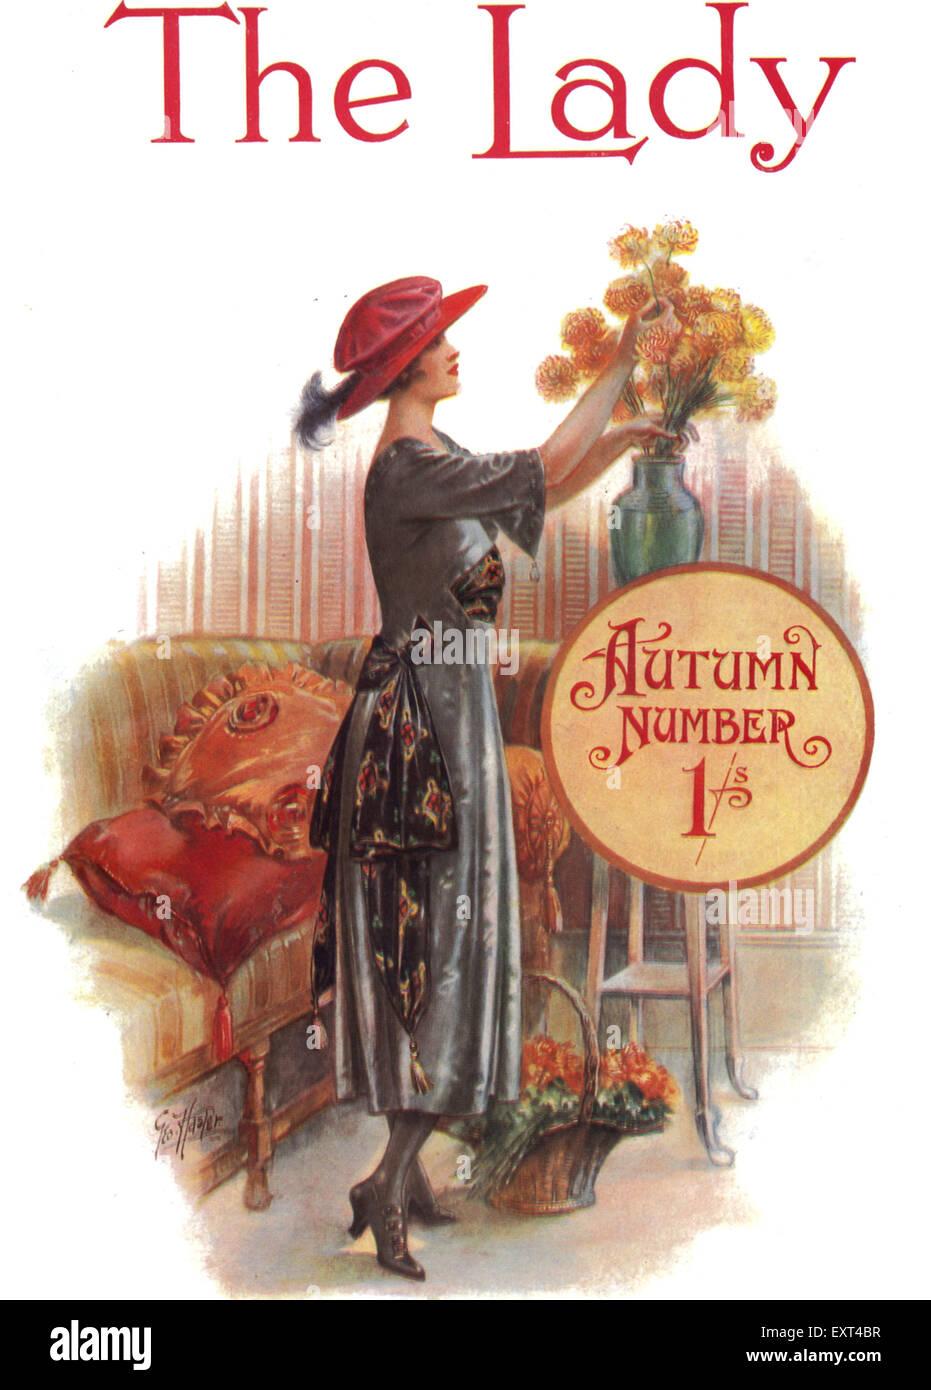 1900s UK The Lady Magazine Cover - Stock Image